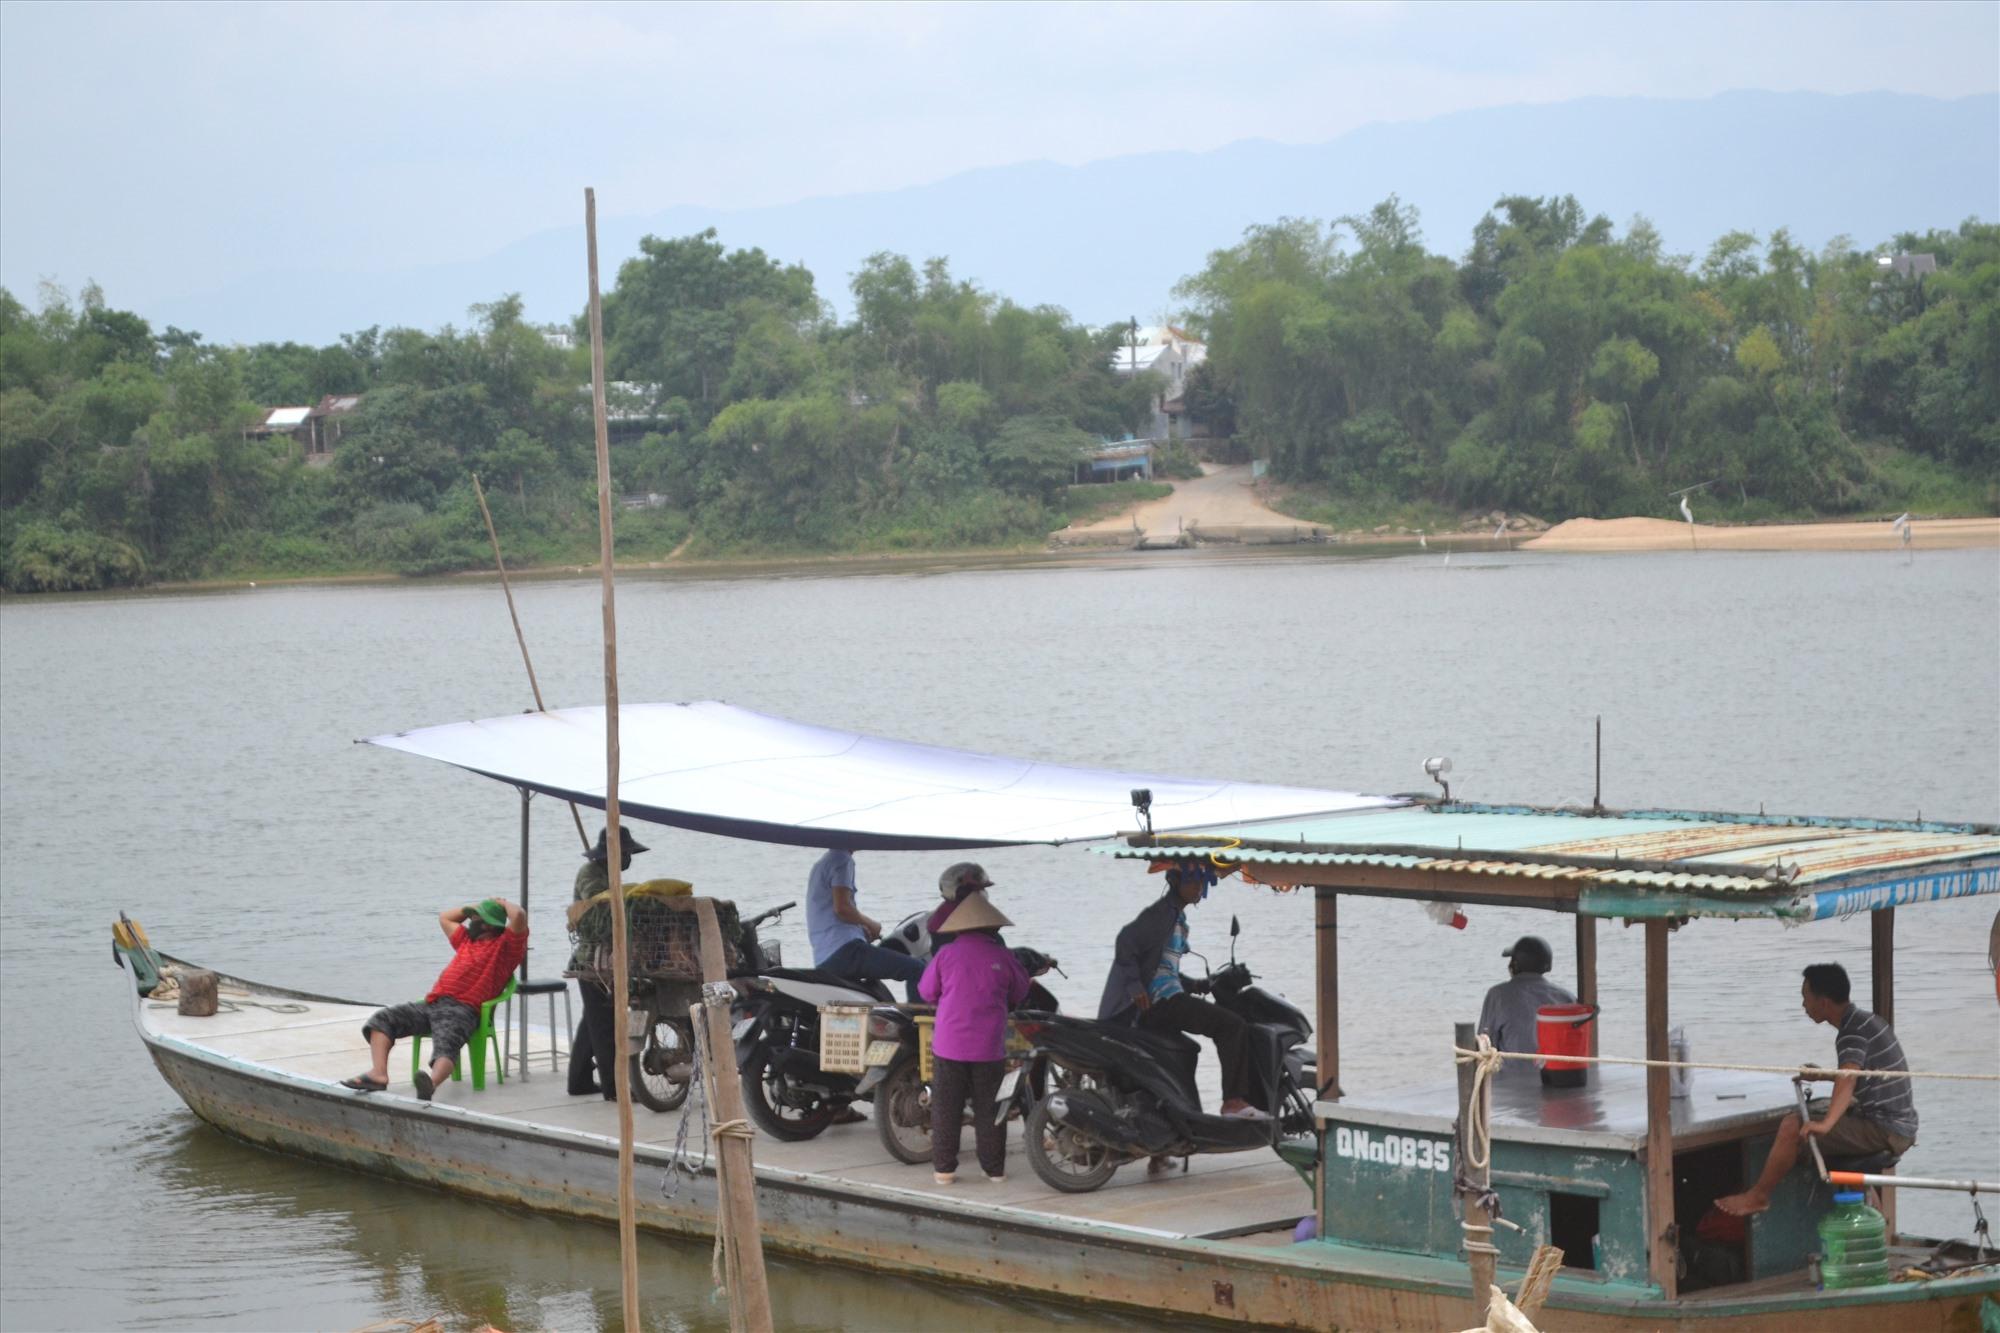 Đò ngang Duy Tân (Duy Xuyên) chỉ mới huy động một phương tiện phục vụ hành khách.